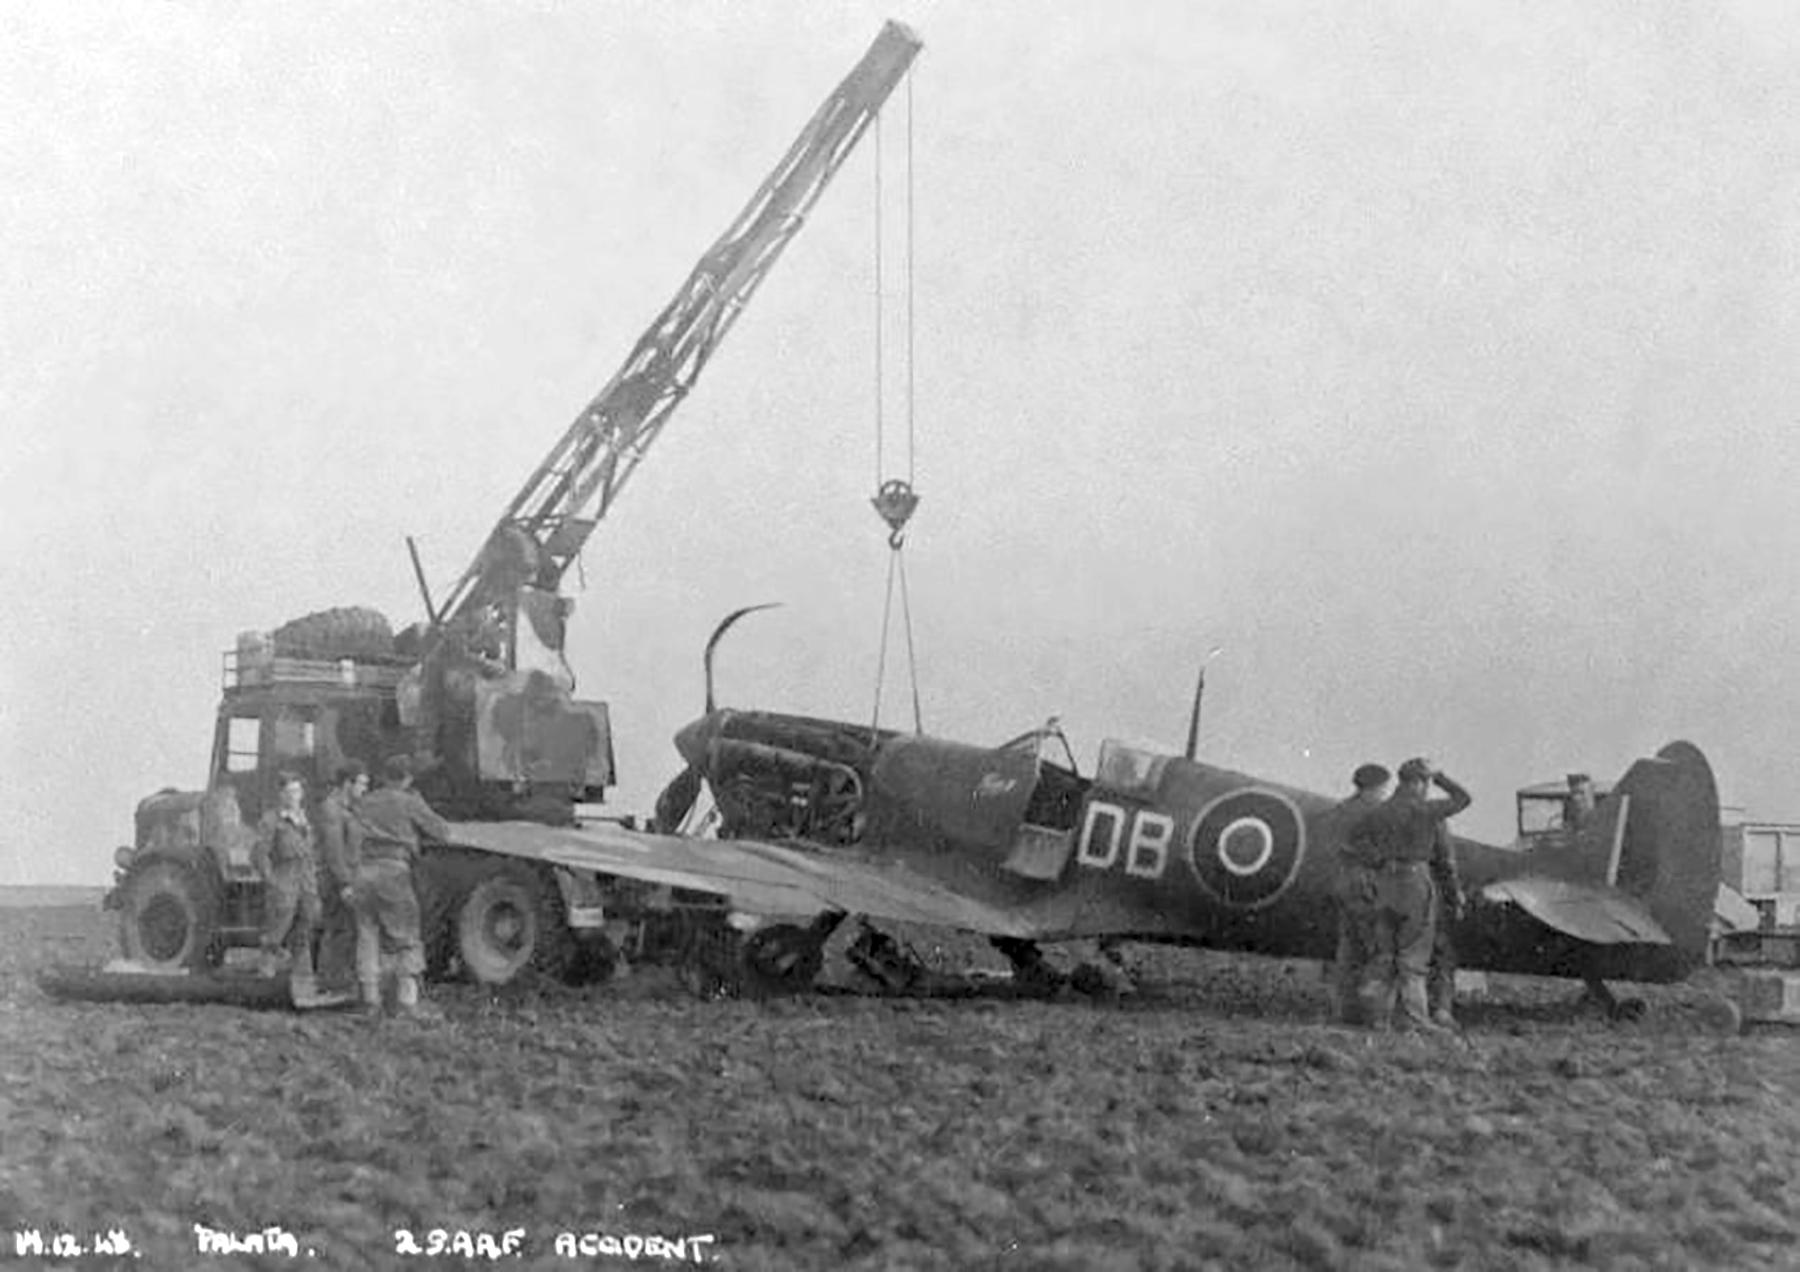 Spitfire MkVcTrop SAAF 2Sqn DBT JG721 Palata Italy 17th Dec 1943 04